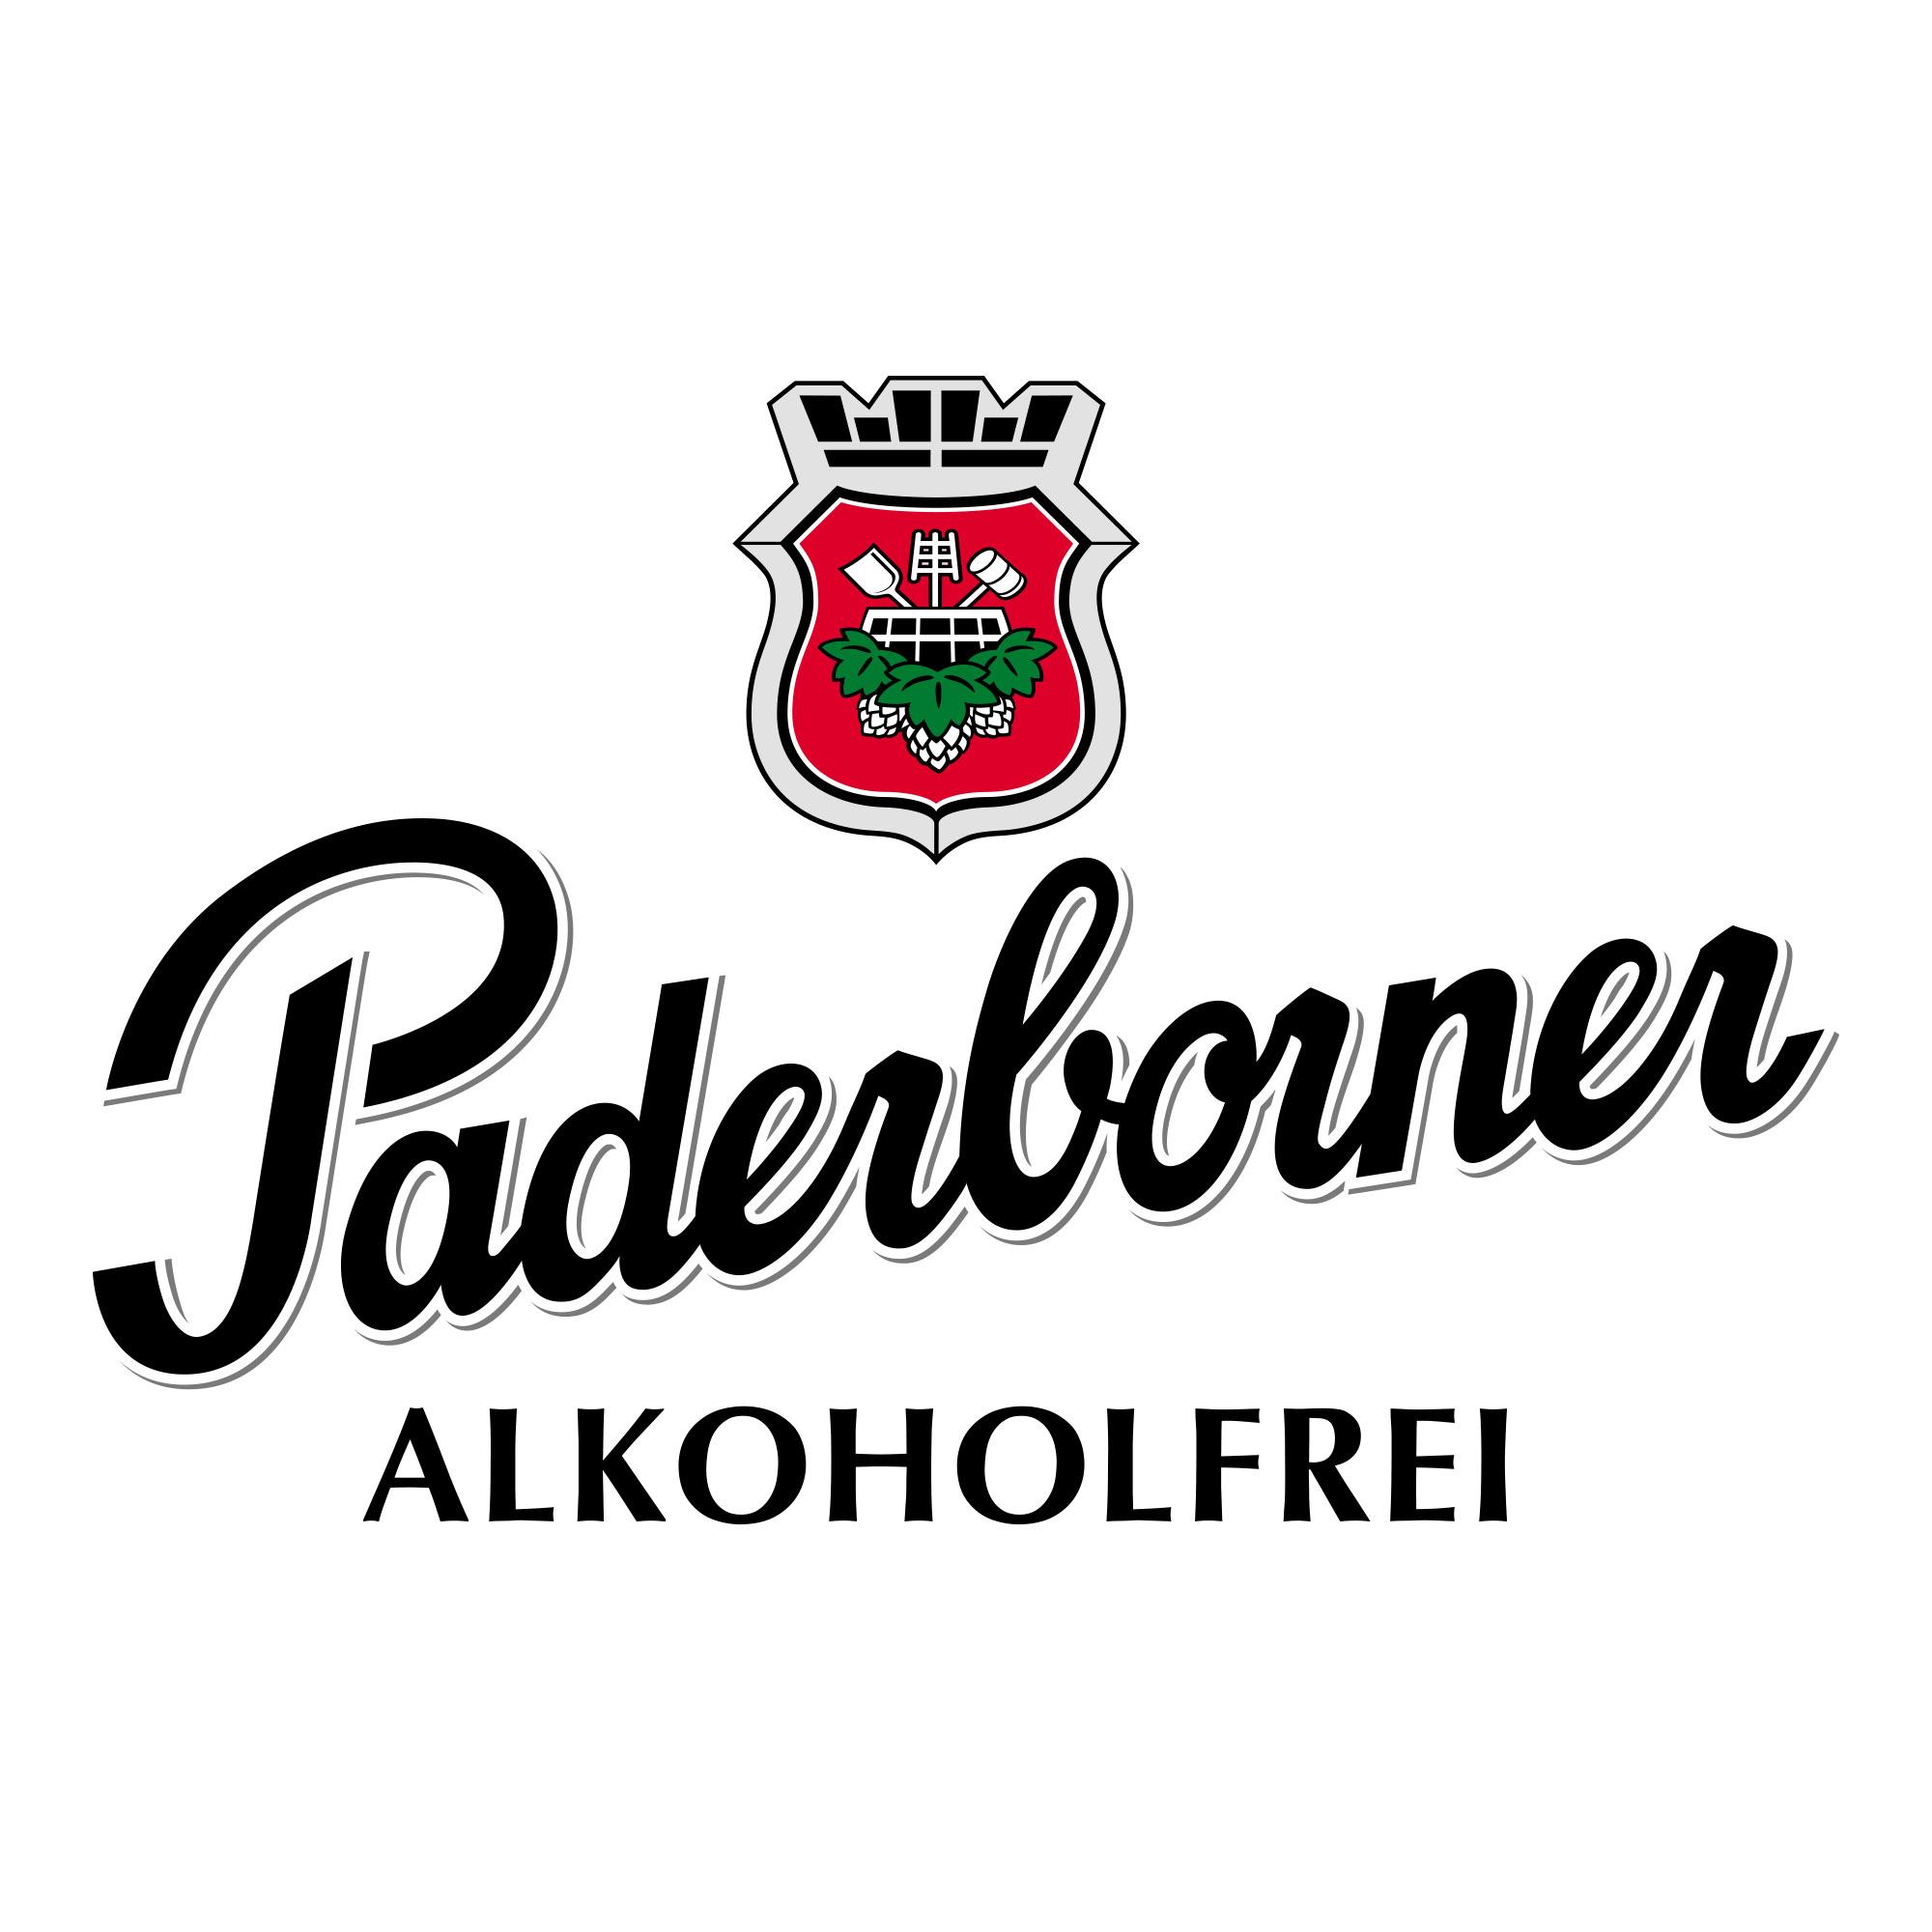 Logo Paderborner Alkoholfrei